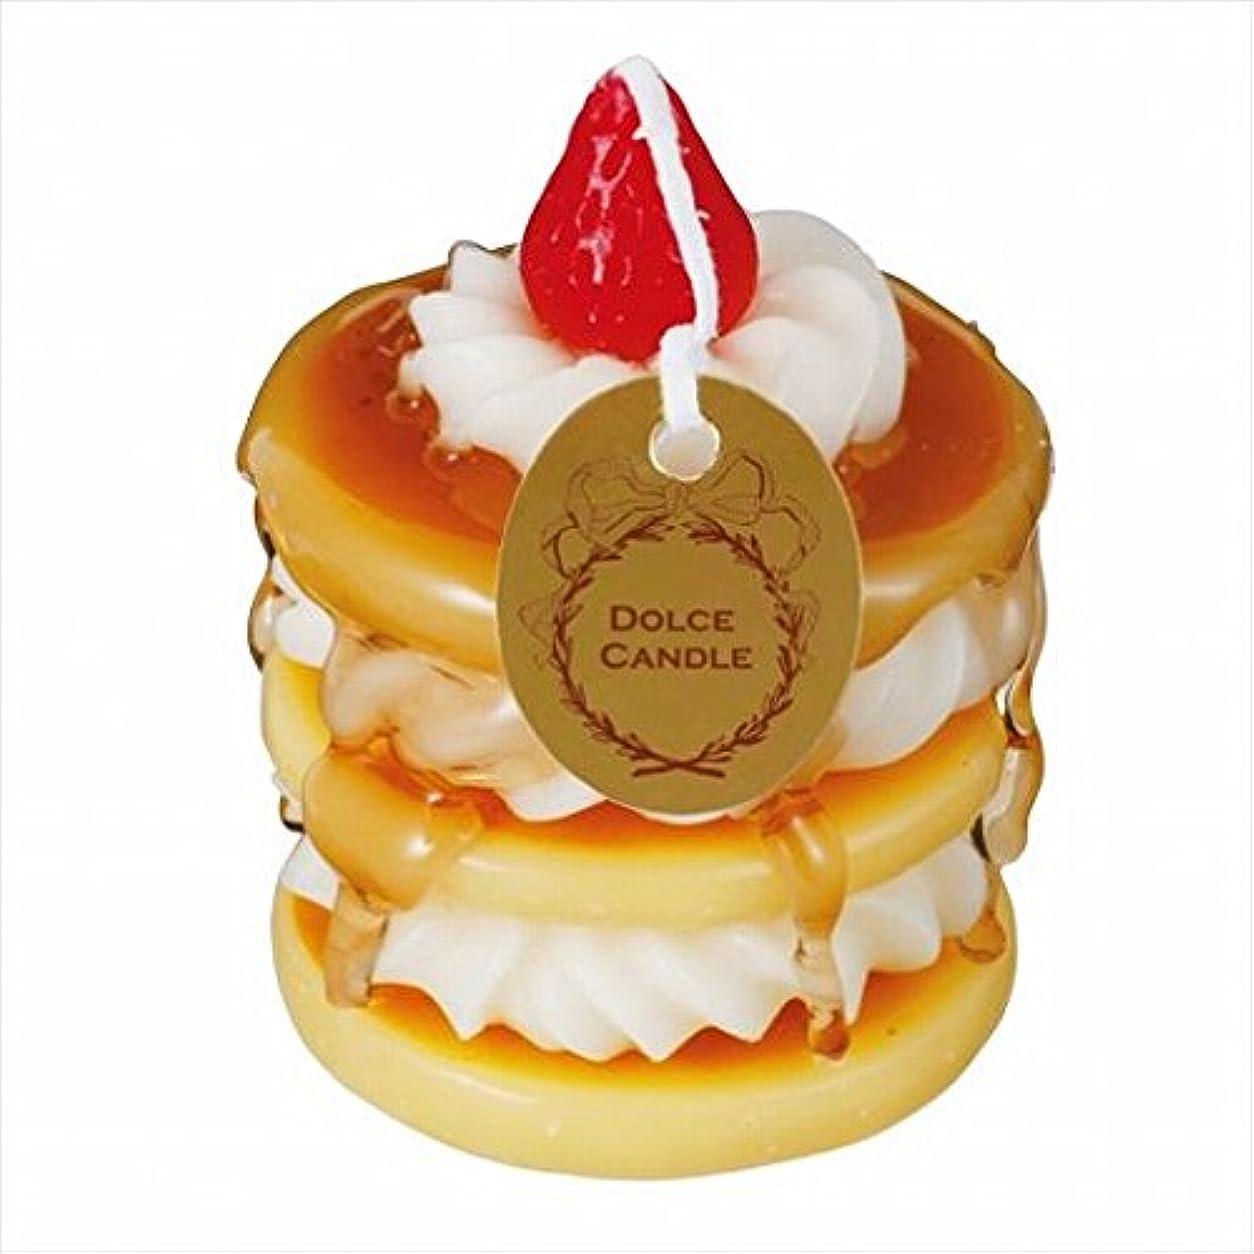 スイーツキャンドル( sweets candle ) ドルチェキャンドル 「 パンケーキ 」